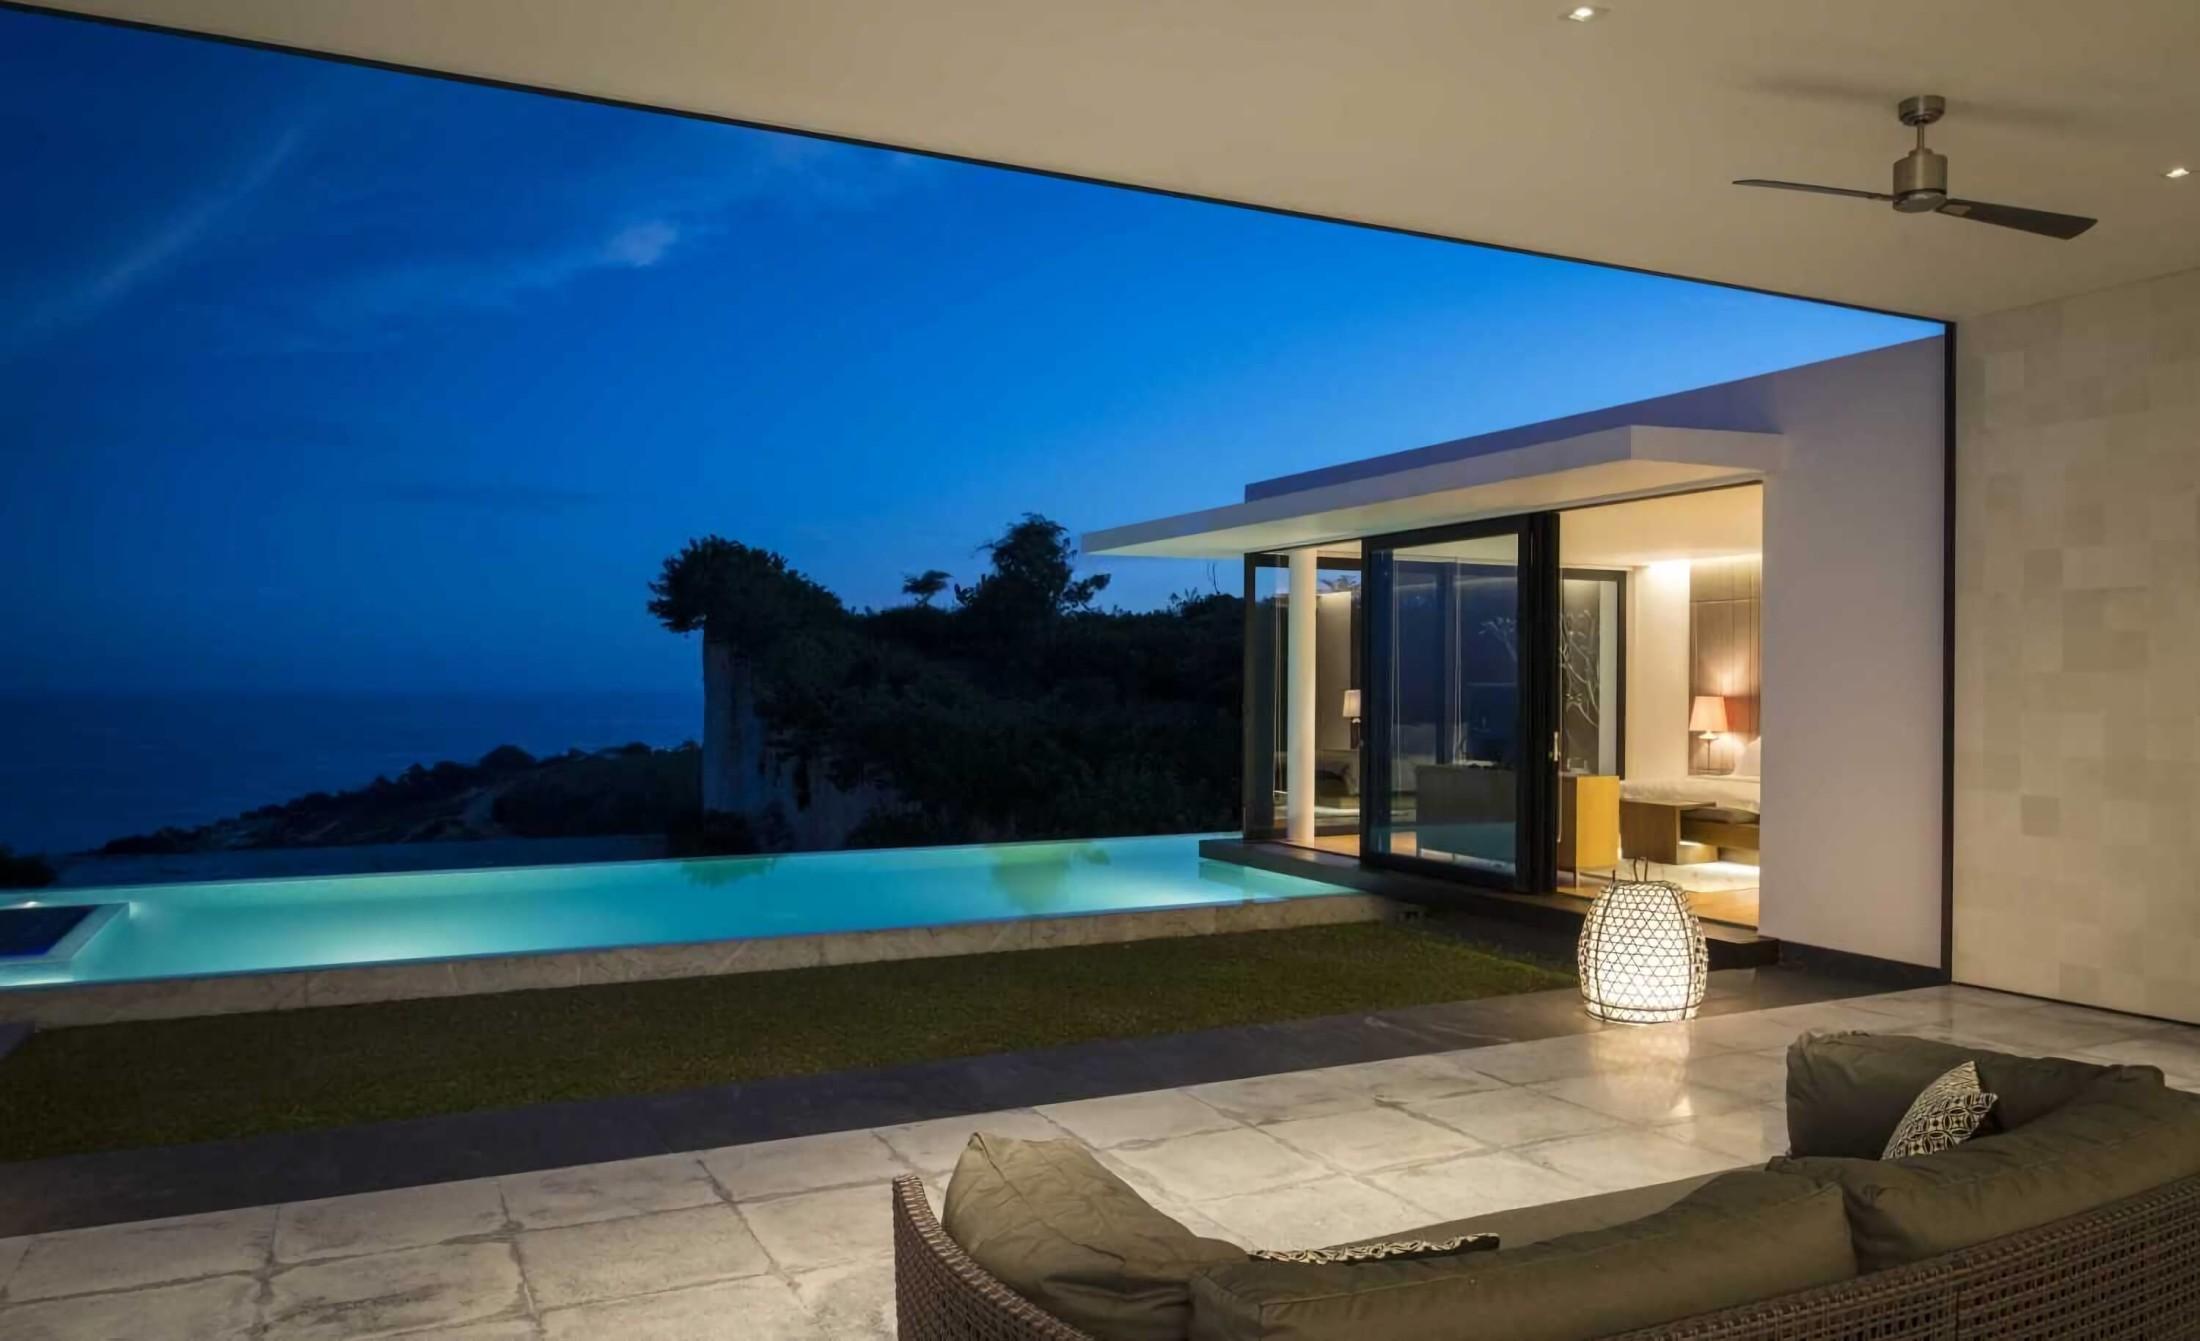 Pemanfaatan kecerdikan teknologi modern pada villa tropis kontemporer dengan identitas lokal (Sumber: arsitag.com)